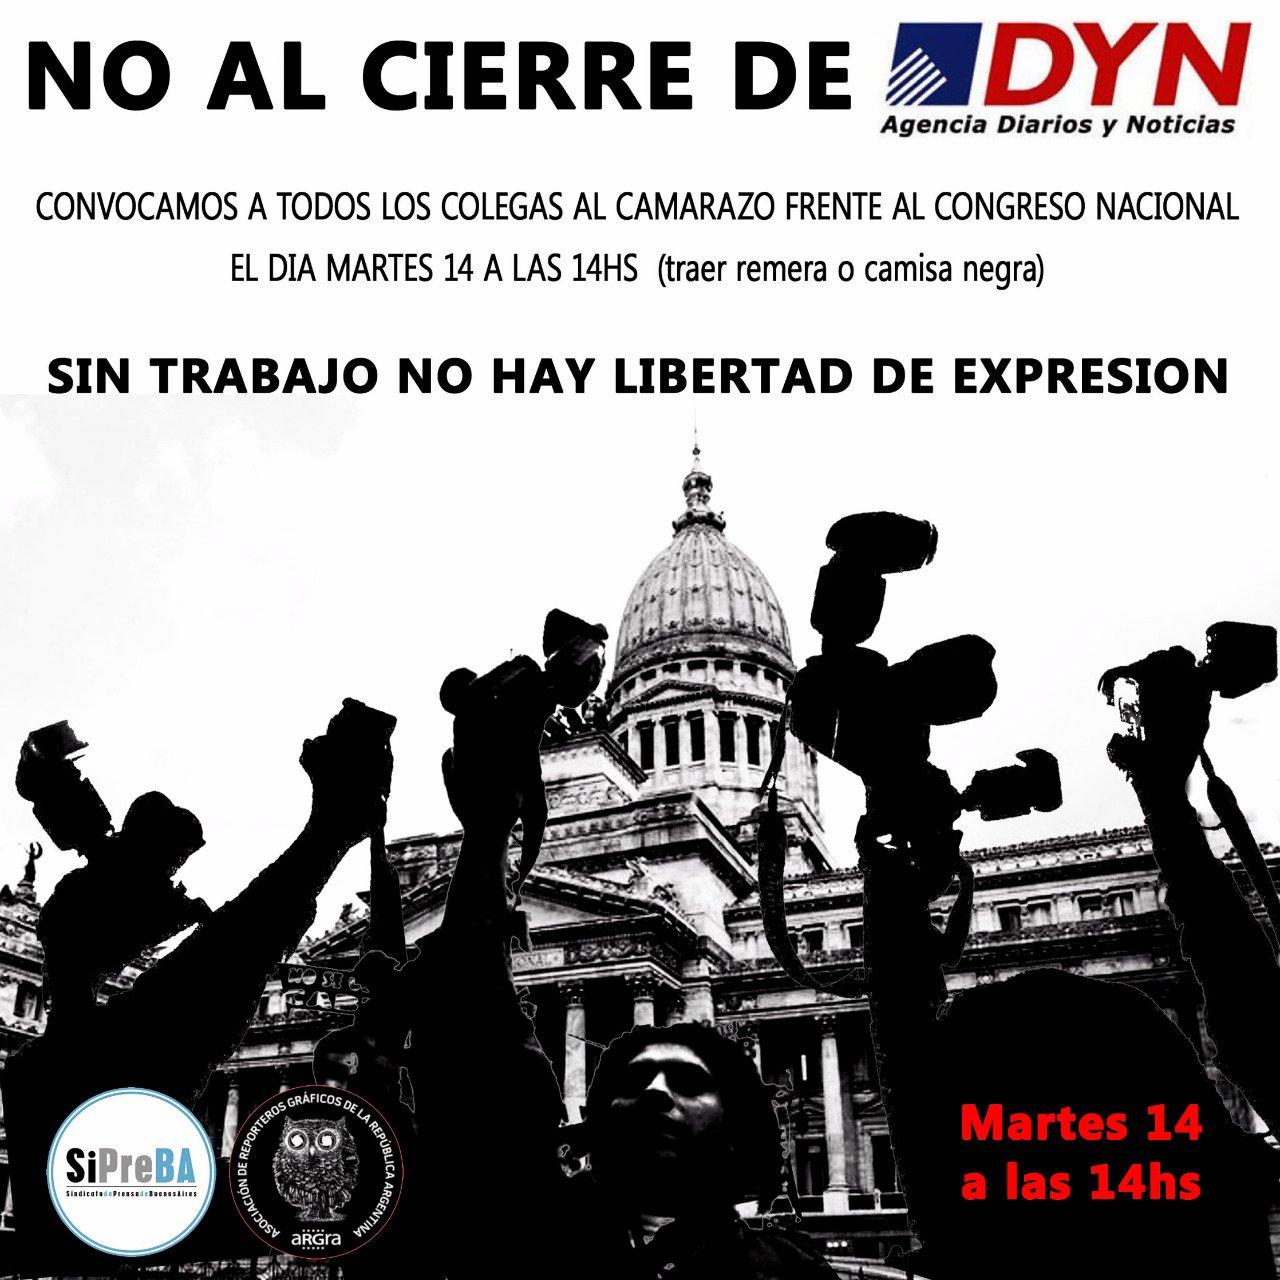 dyn131117-2